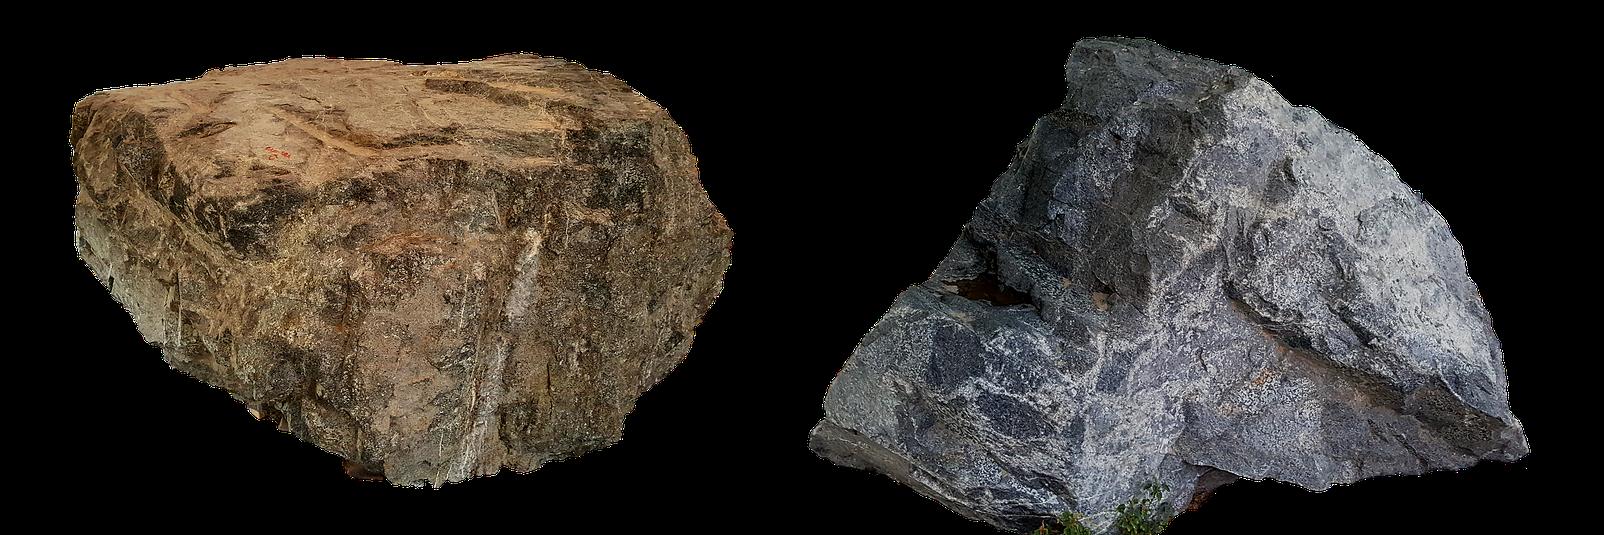 rocks-2485461_1920_cut